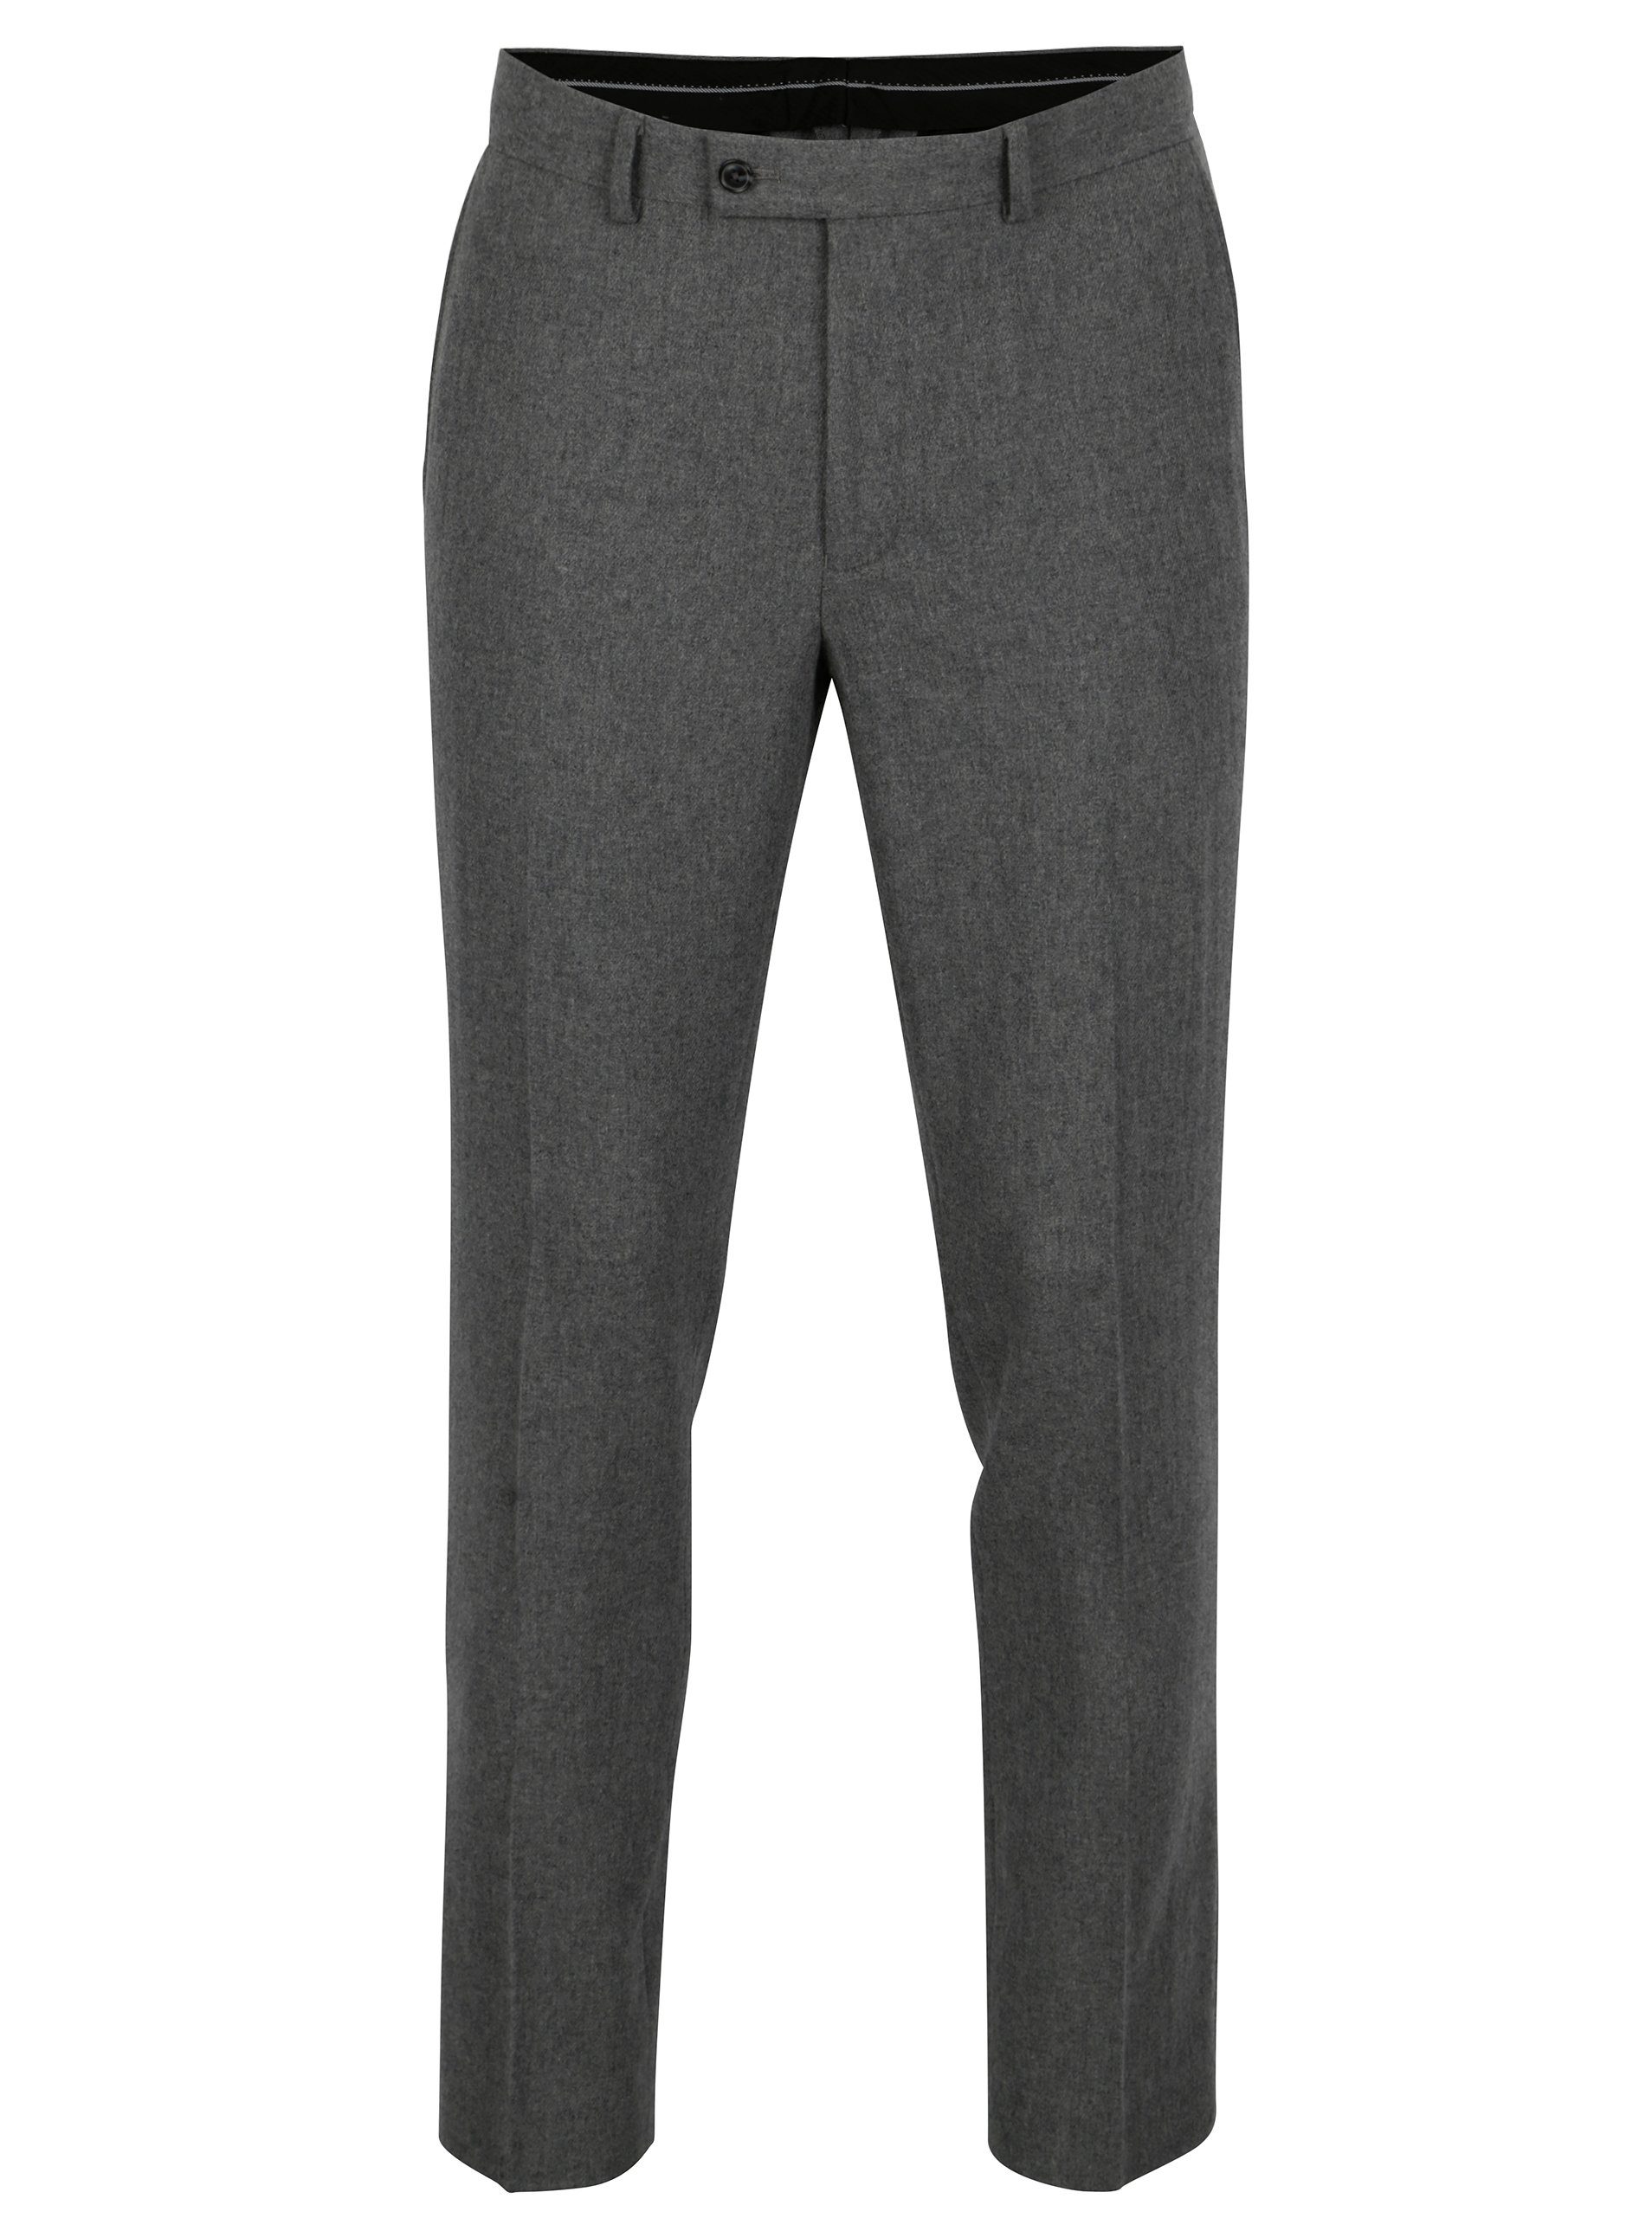 Tmavě šedé skinny fit vlněné kalhoty Burton Menswear London